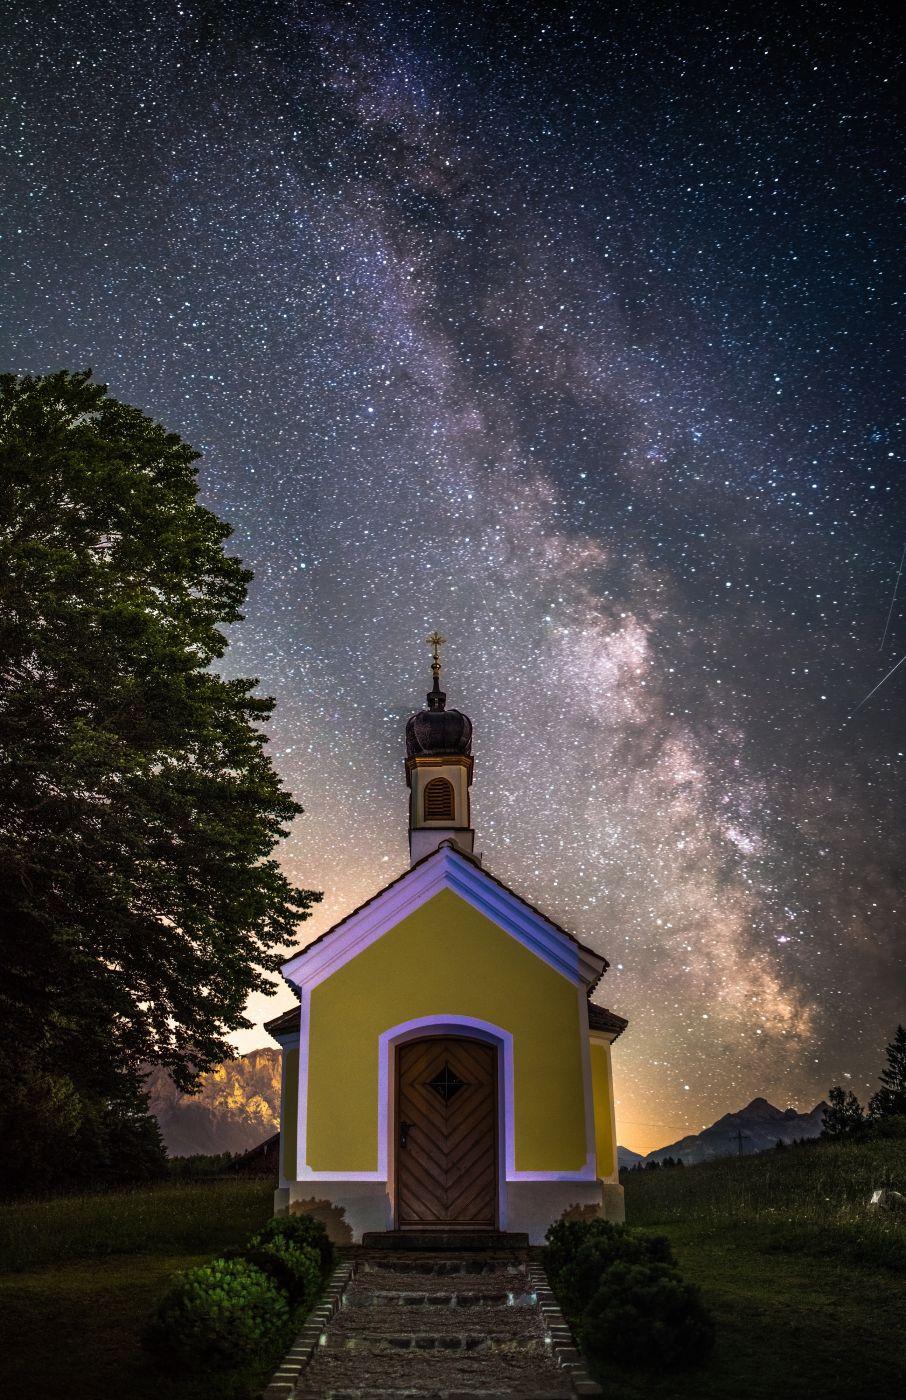 Nachtgebet, Germany